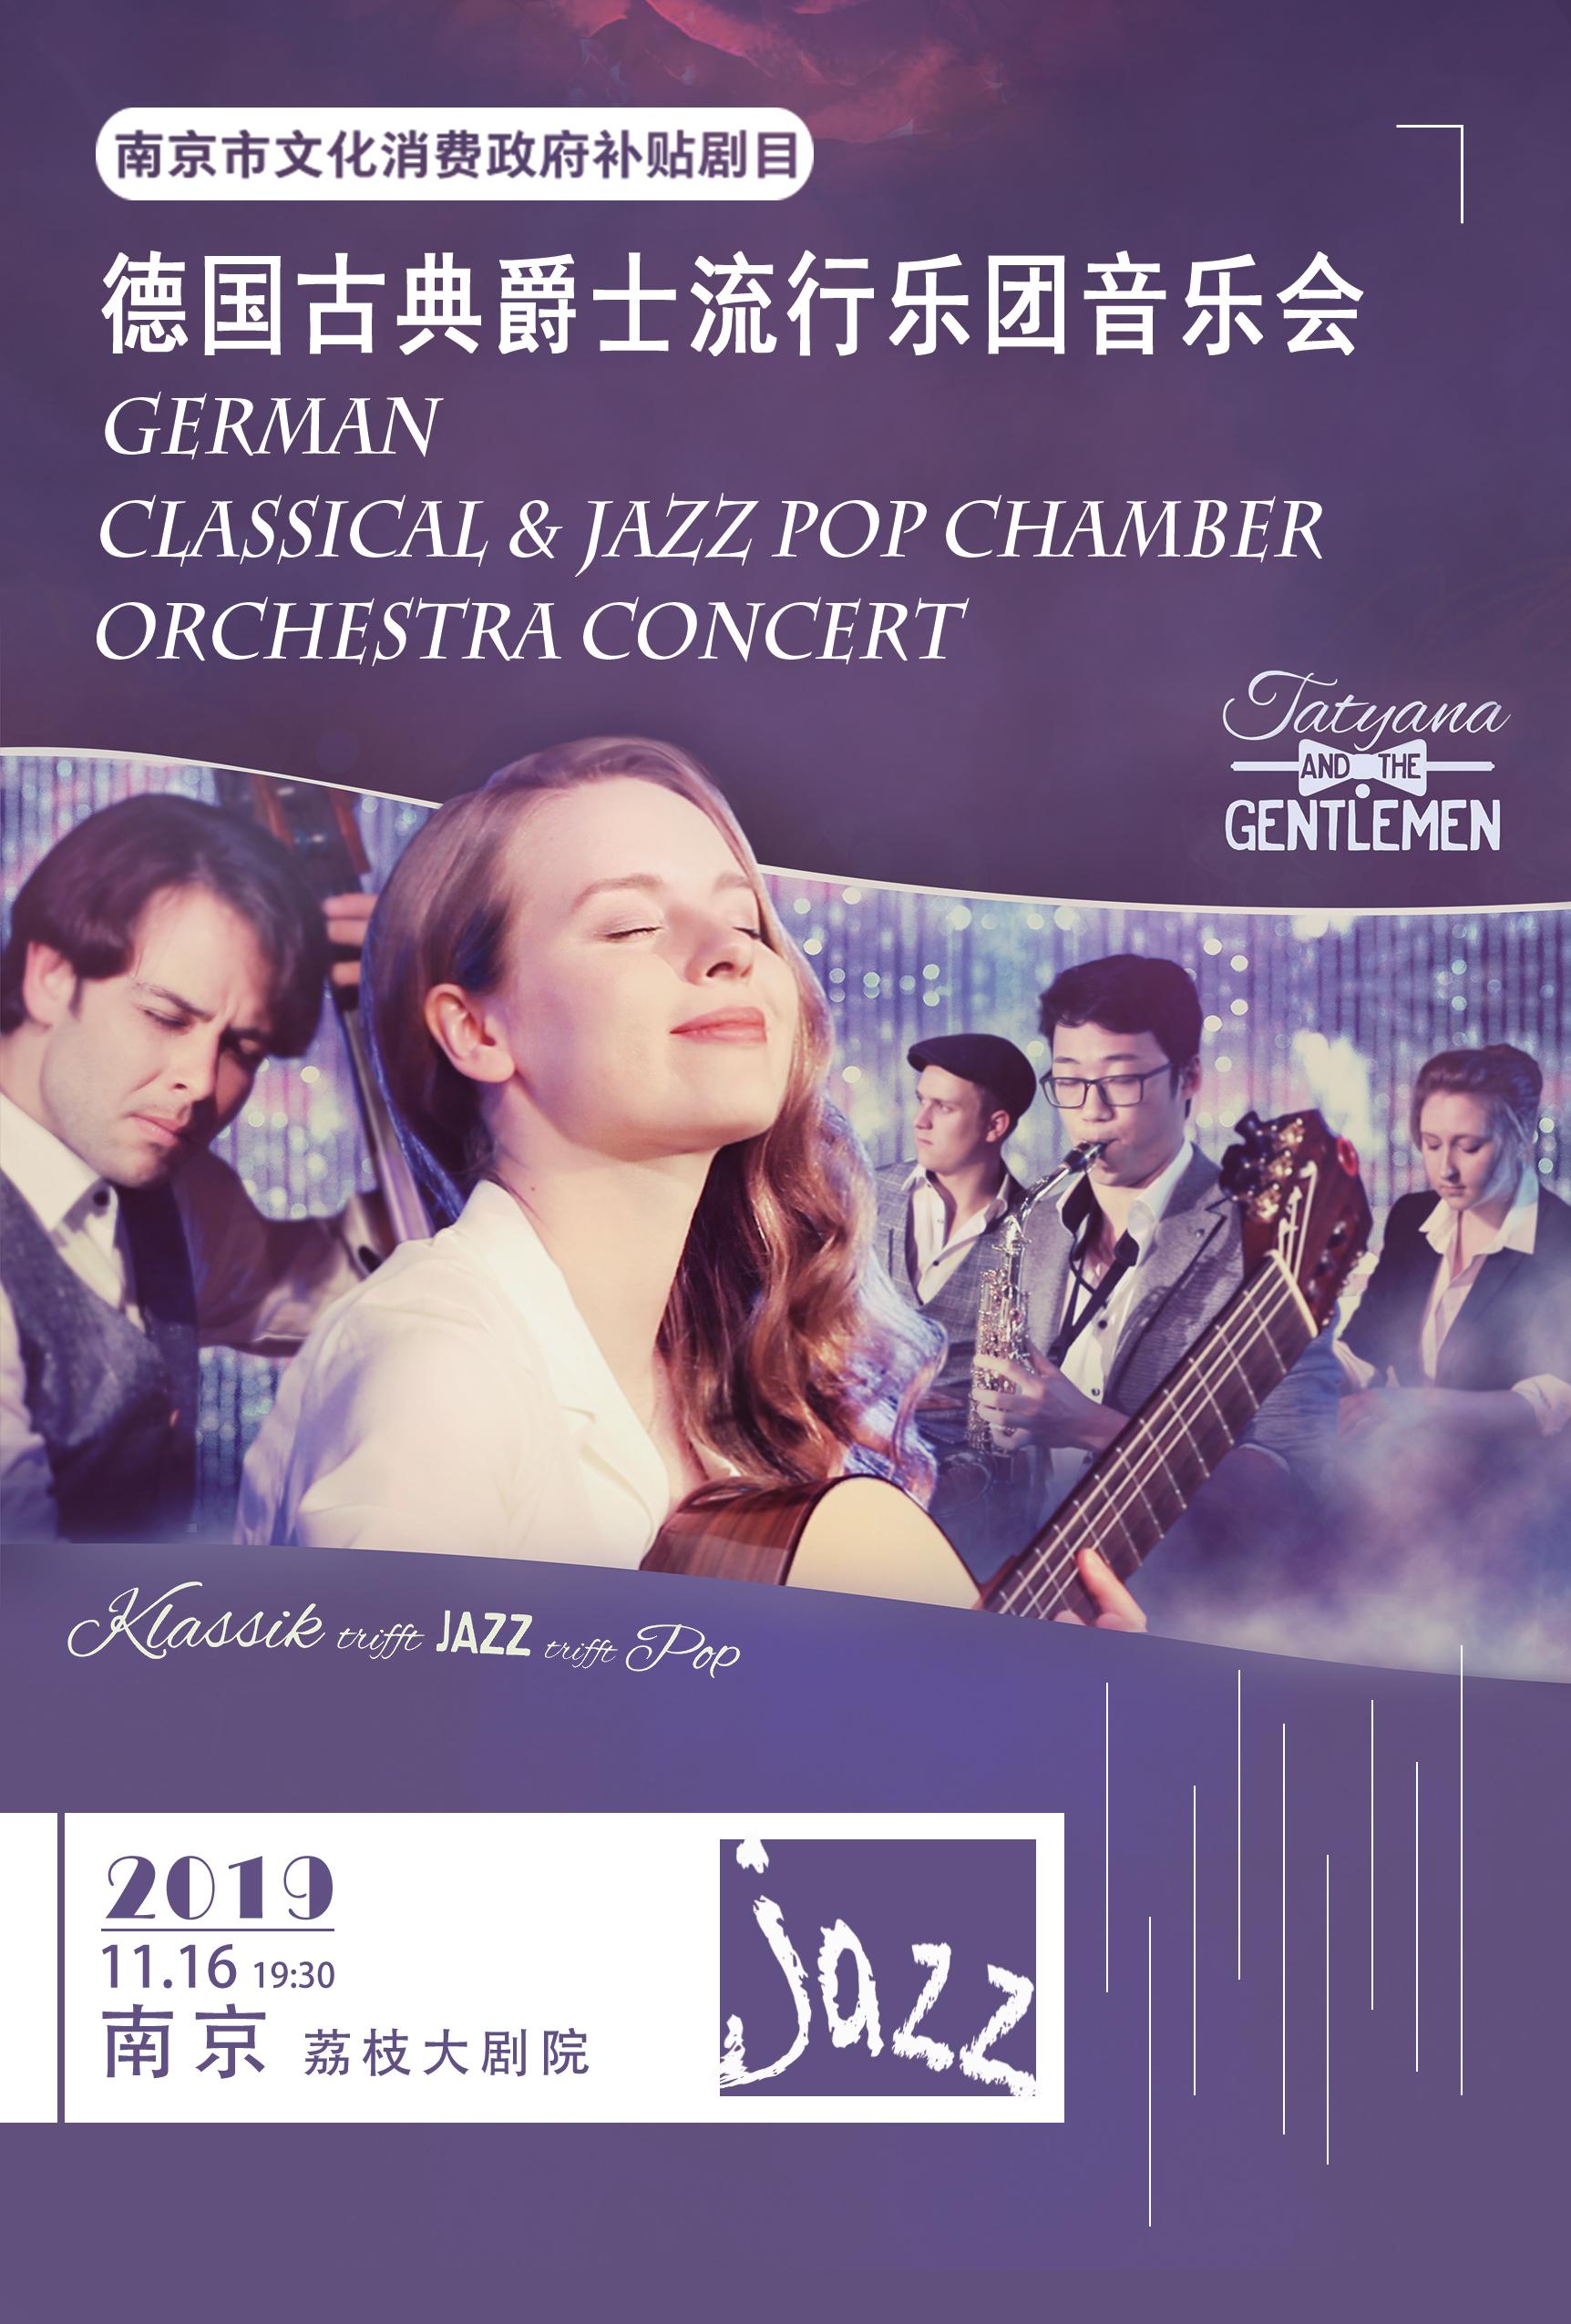 德国古典爵士流行乐团南京音乐会